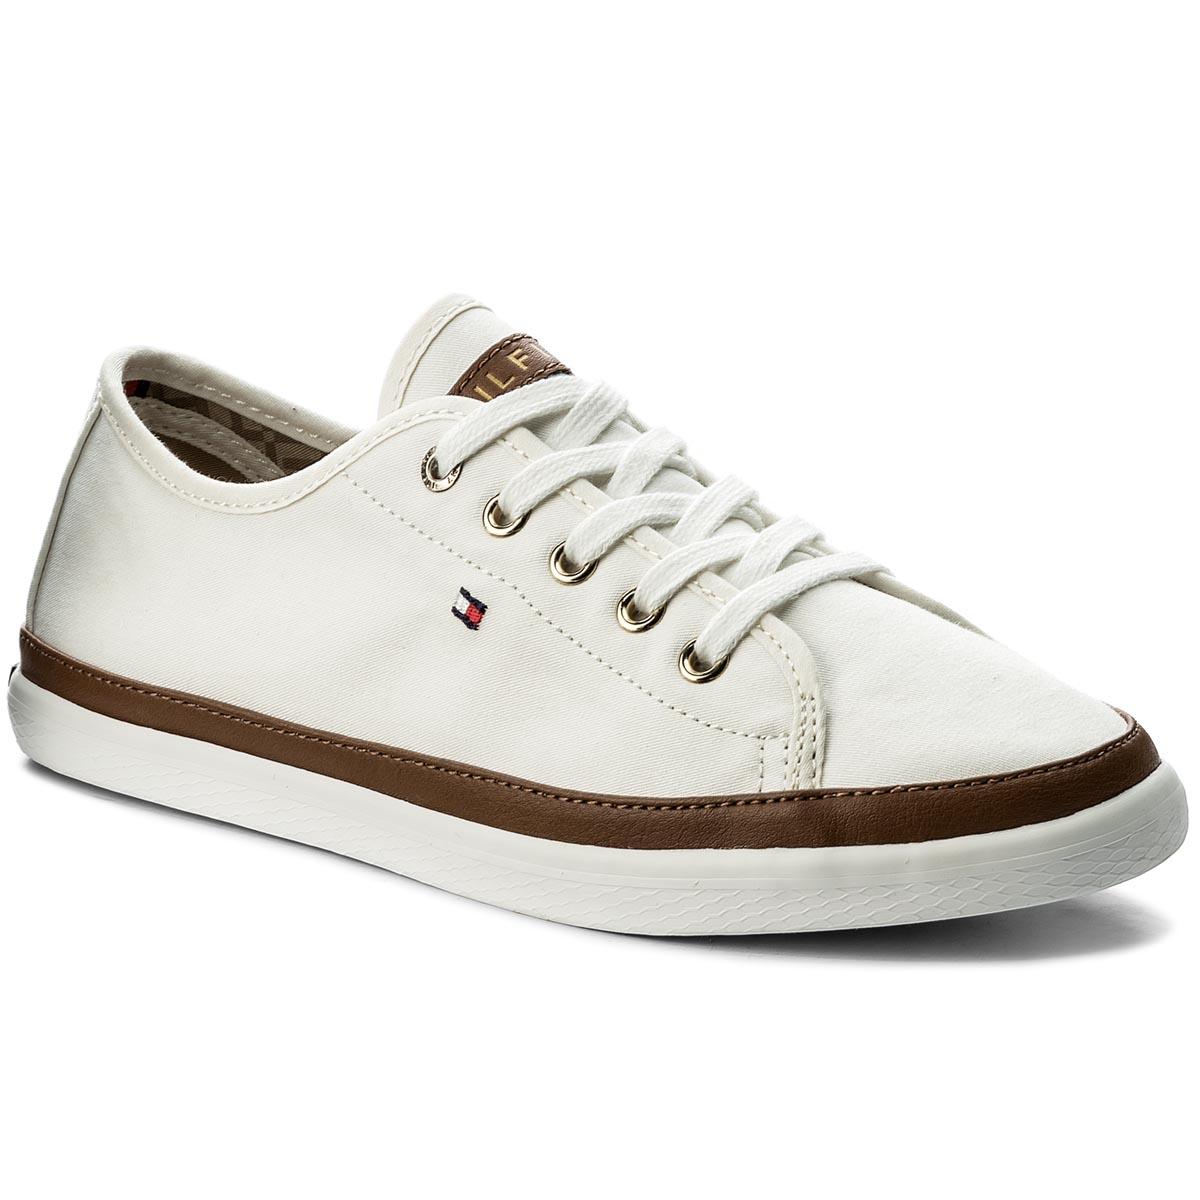 51fcf15501 Tenisky TOMMY HILFIGER - Iconic Kesha Sneaker FW0FW02823 Whisper ...